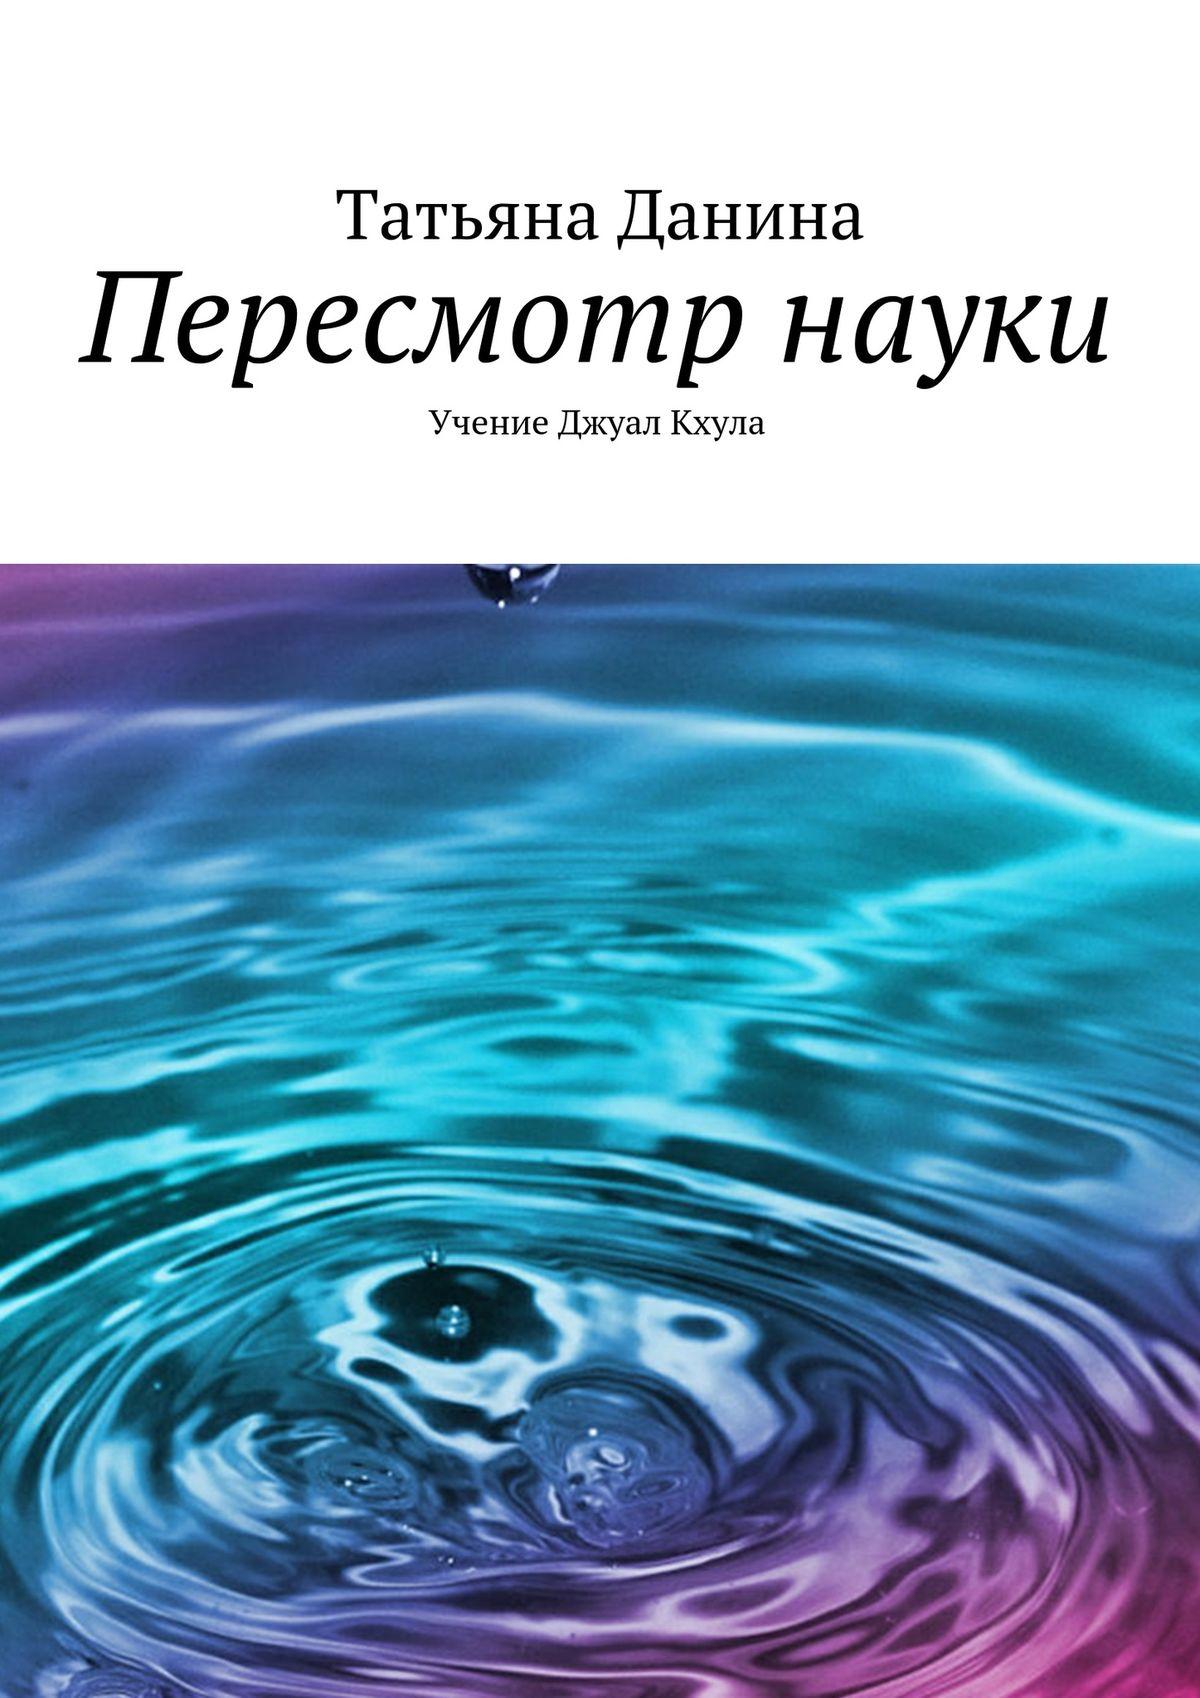 Татьяна Данина Пересмотр науки татьяна данина бог пространство мыслящая субстанция учение джуал кхула